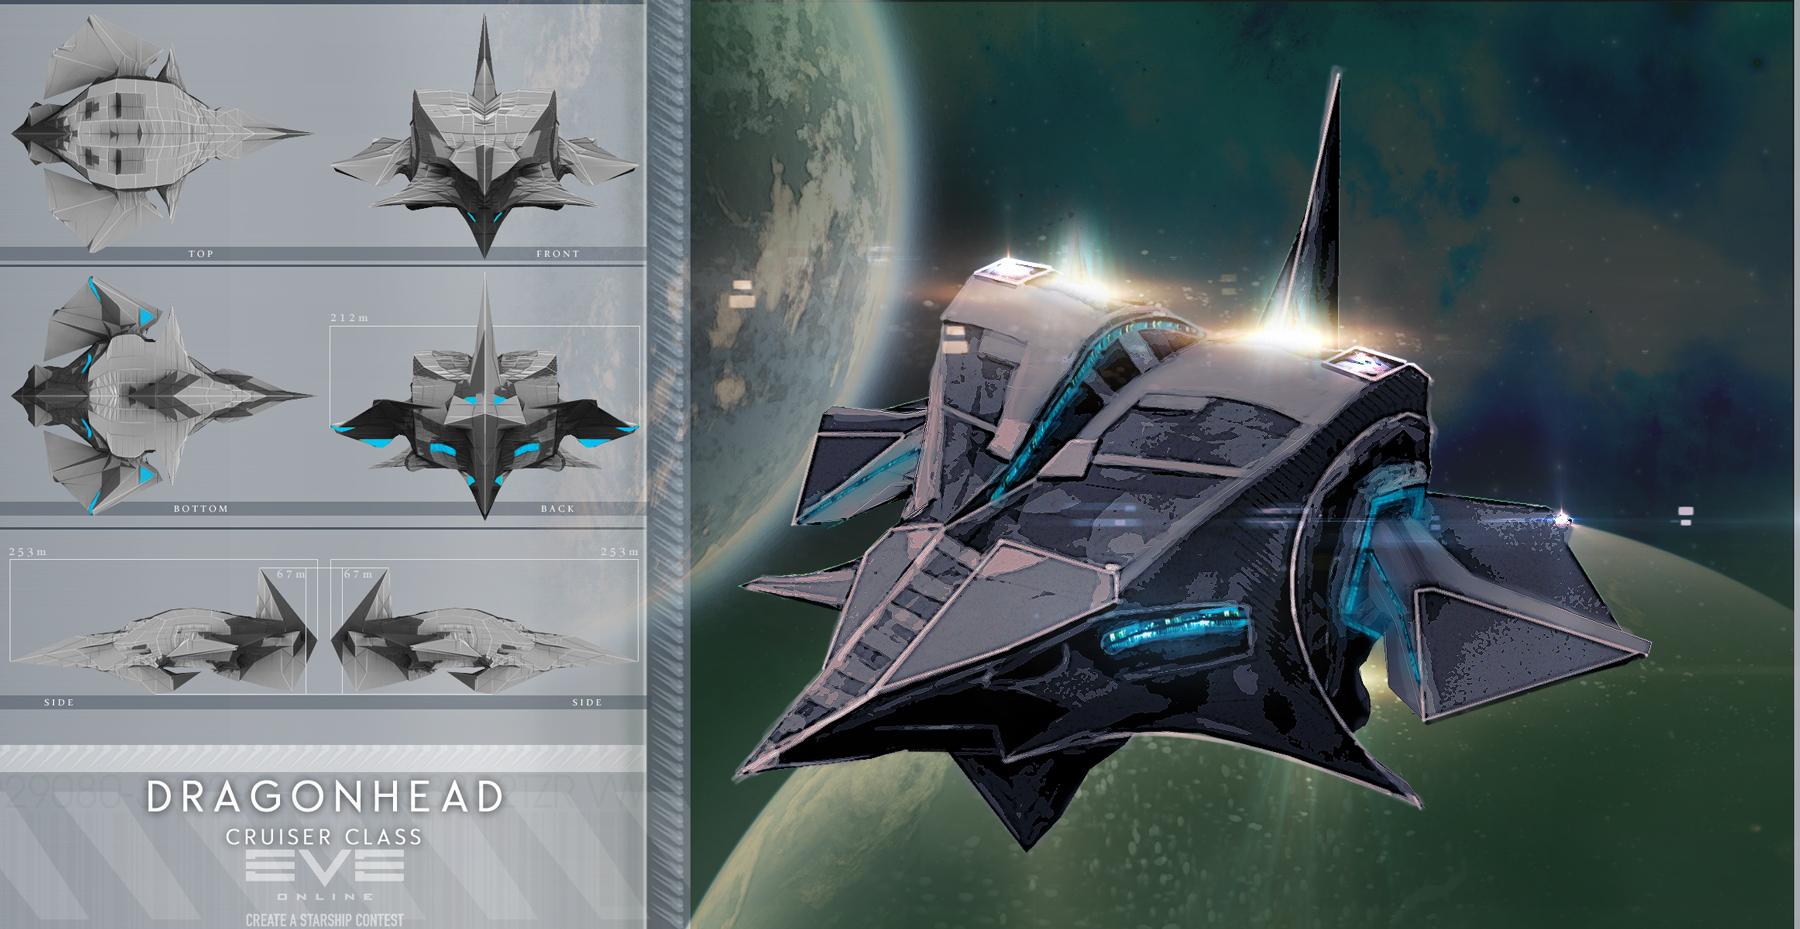 EvE Ship - 1 Dragonhead by tigaer